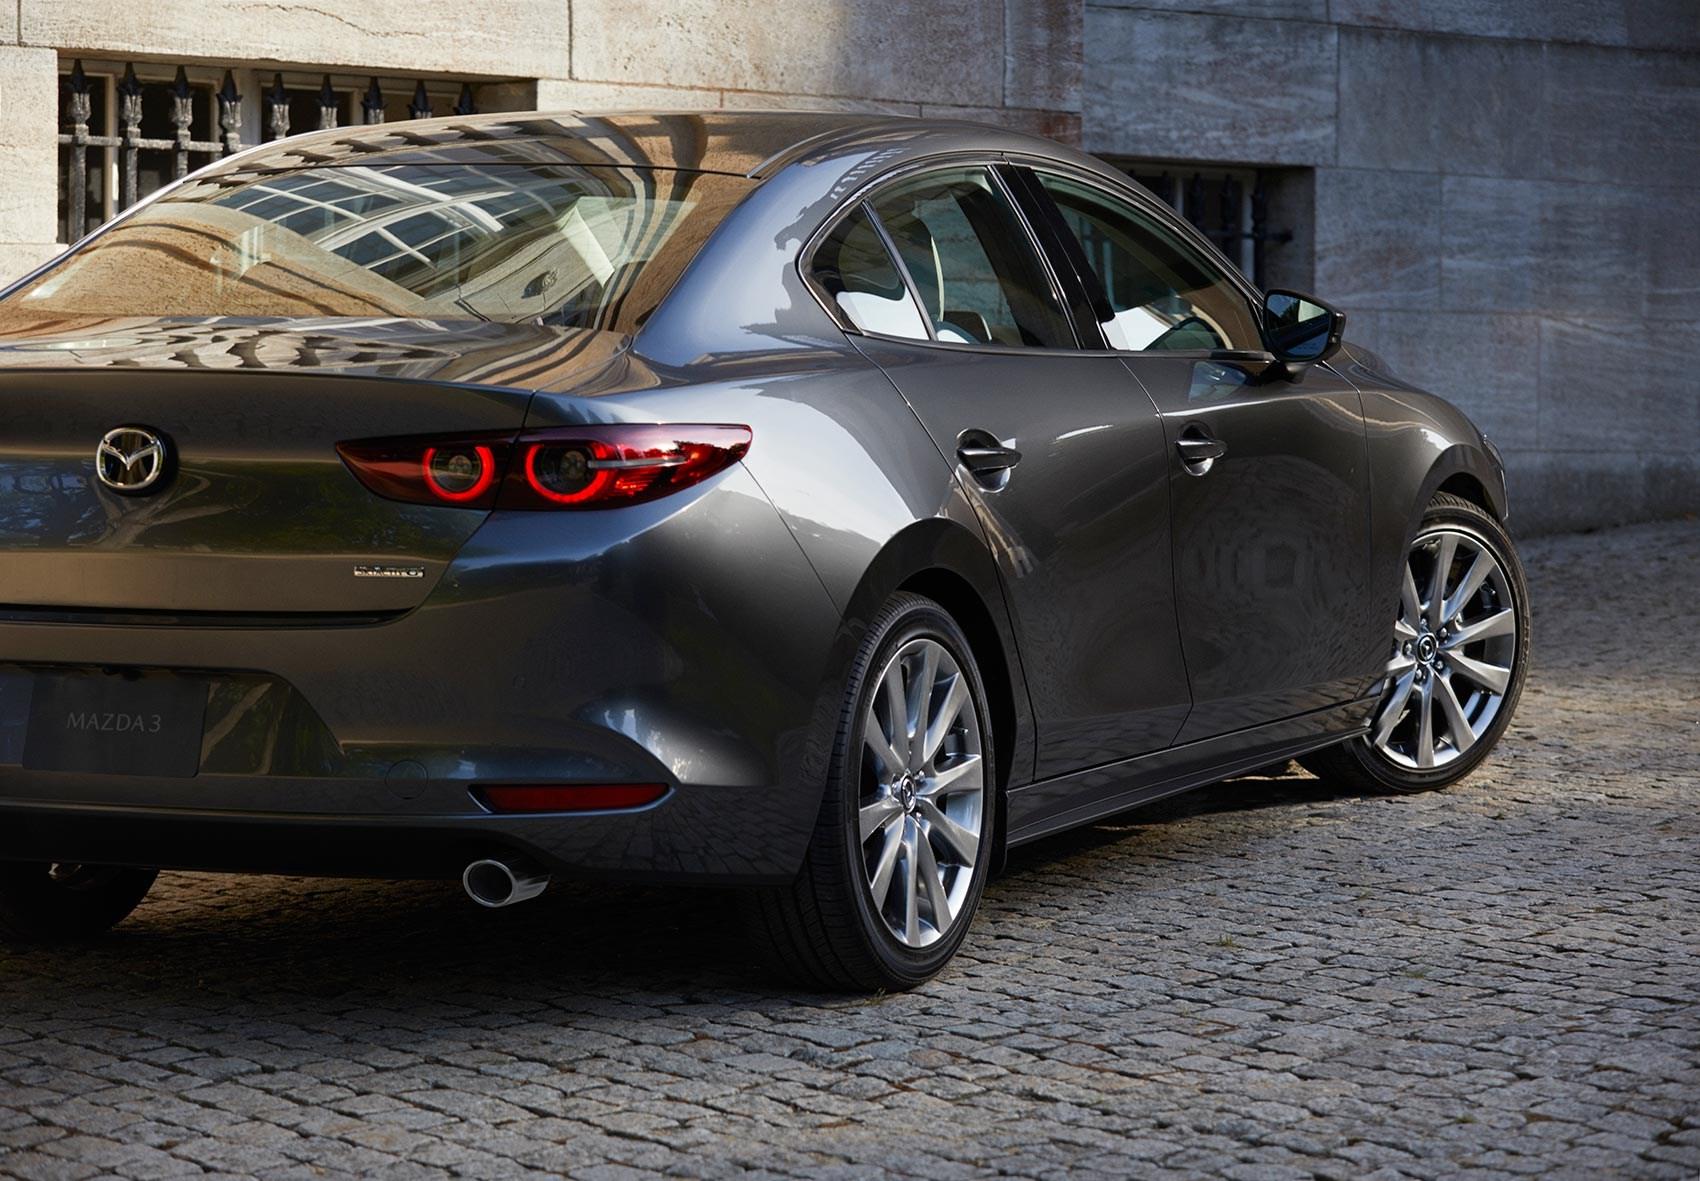 Kelebihan Kekurangan Mazda A3 Top Model Tahun Ini